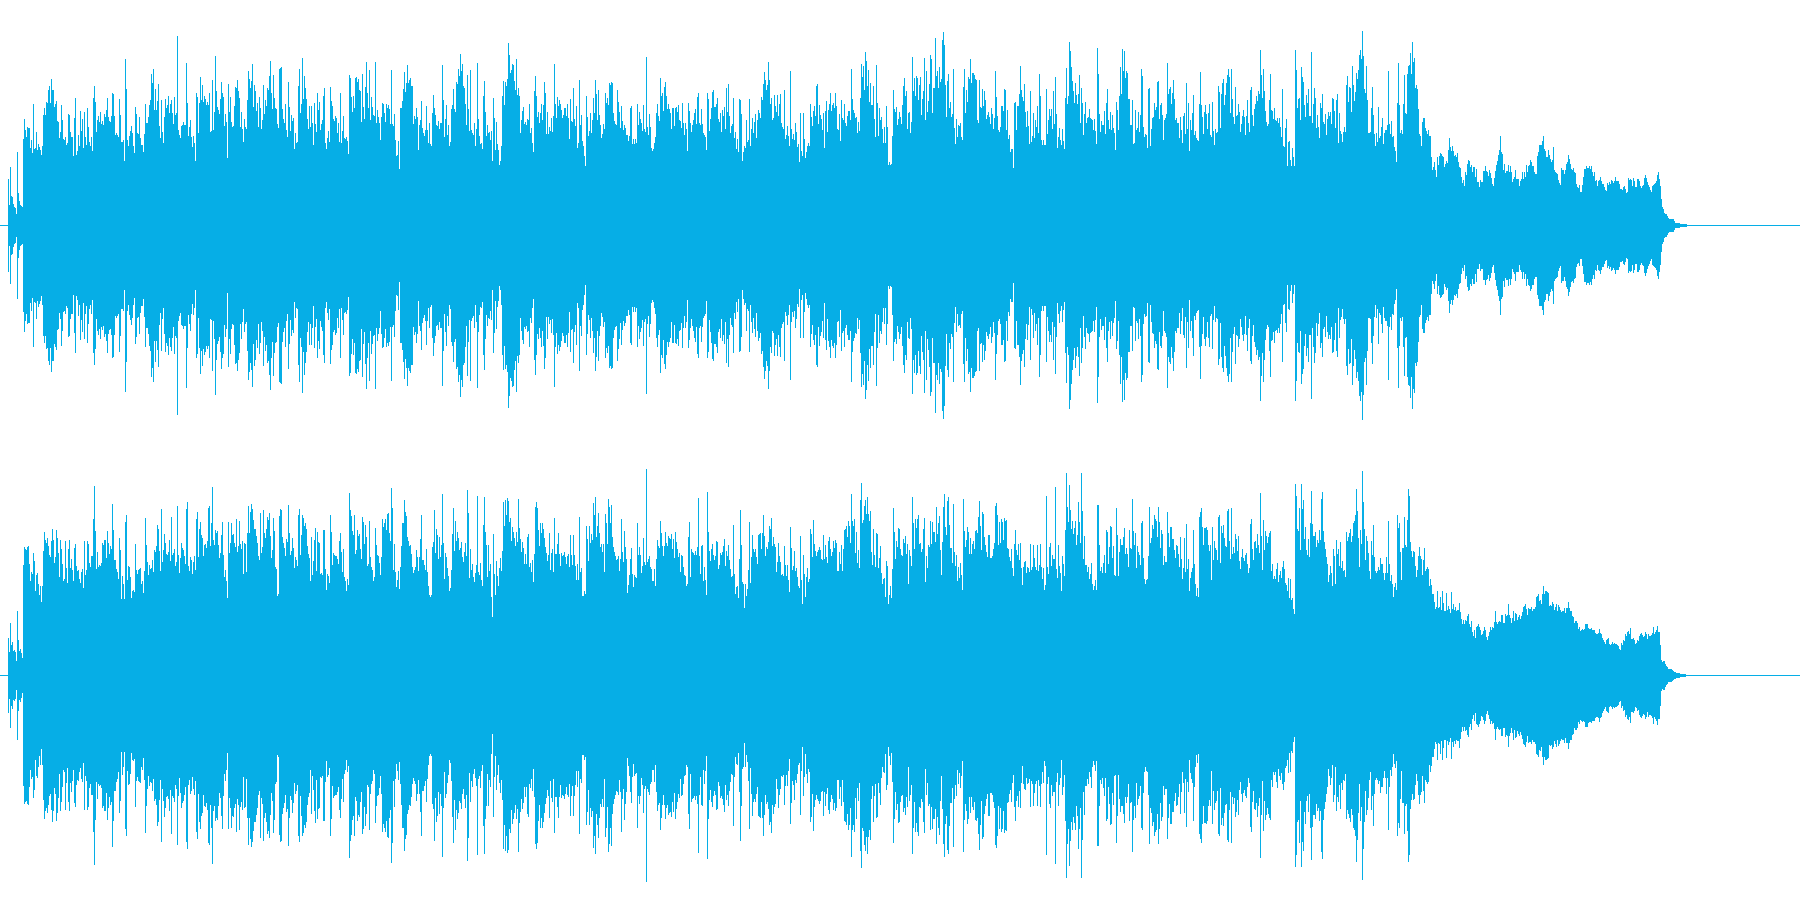 スケール感と哀愁味のあるBGMの再生済みの波形